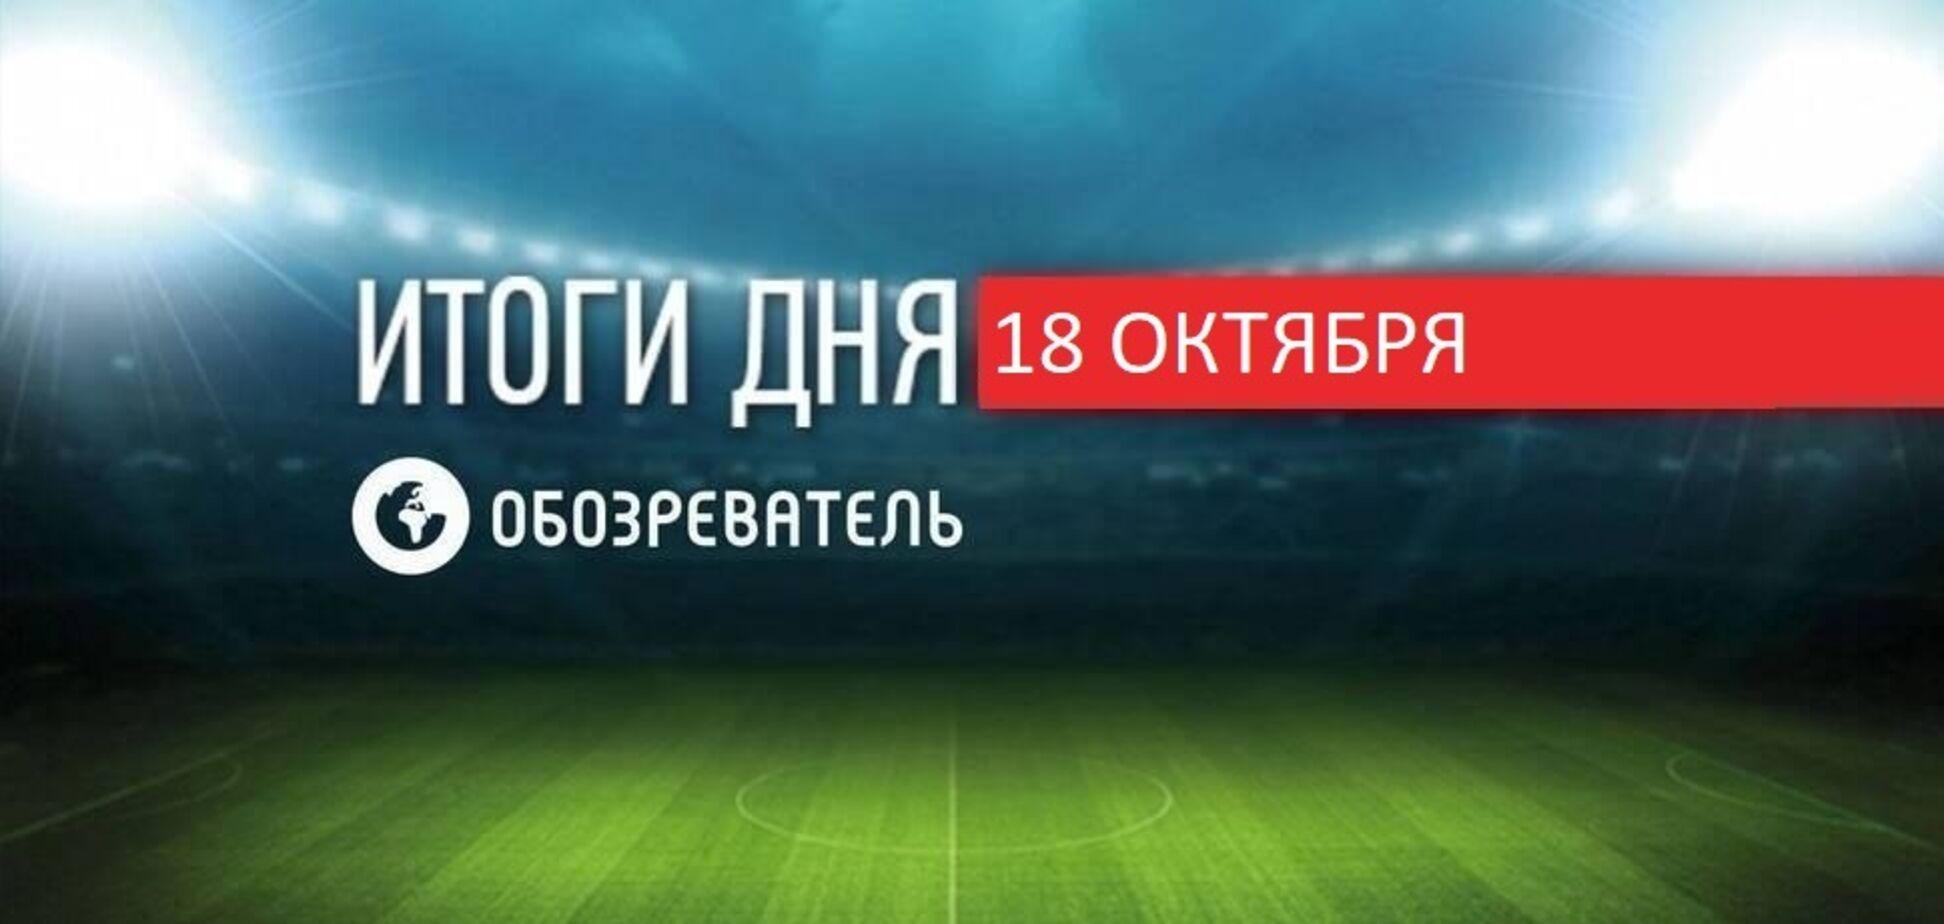 Ломаченко сенсационно проиграл Лопесу: спортивные итоги 18 октября